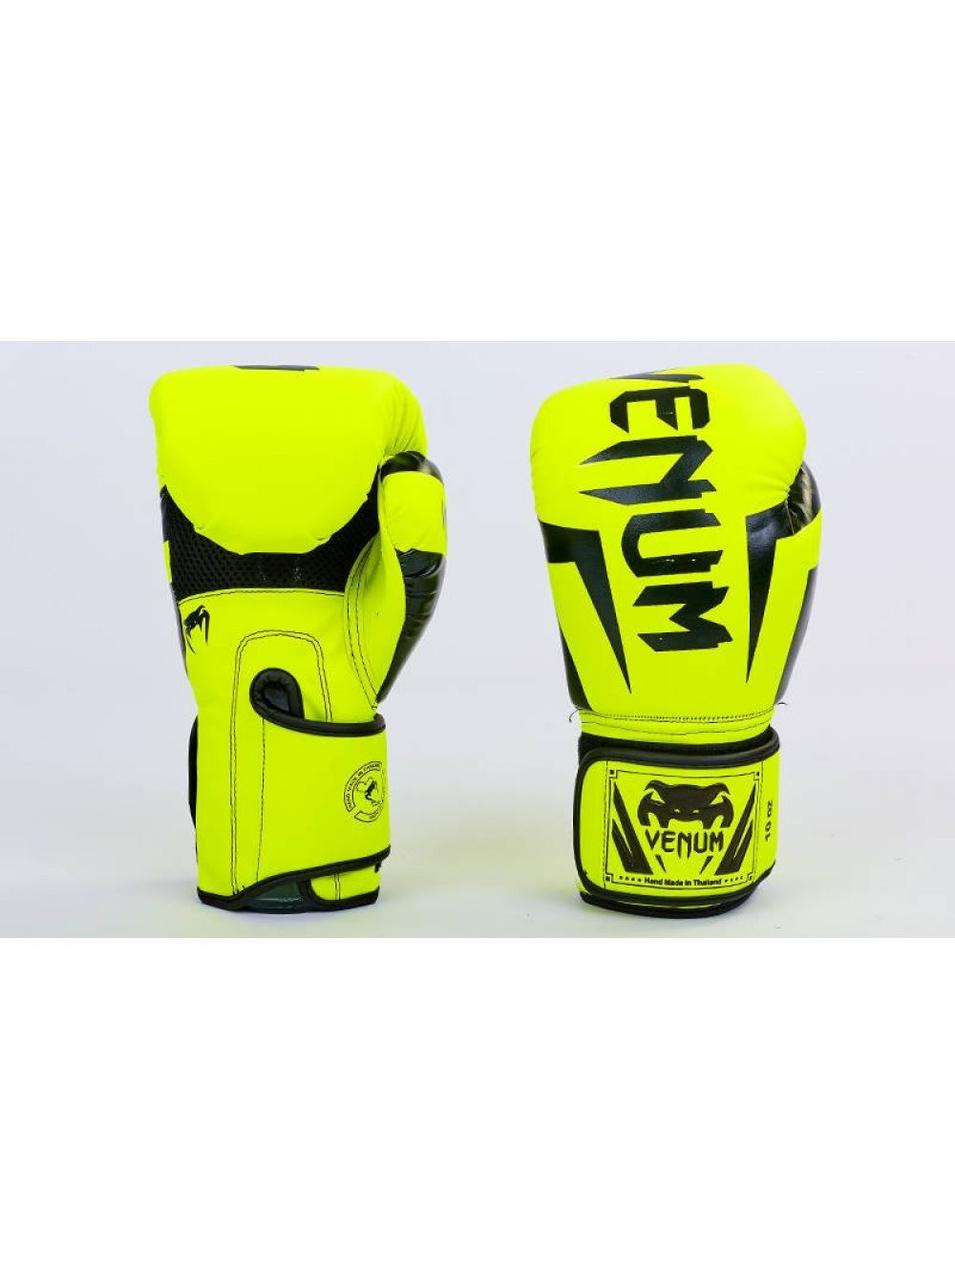 Детские боксерские перчатки в стиле VENUM BO-5698-L - размер 8 унц.